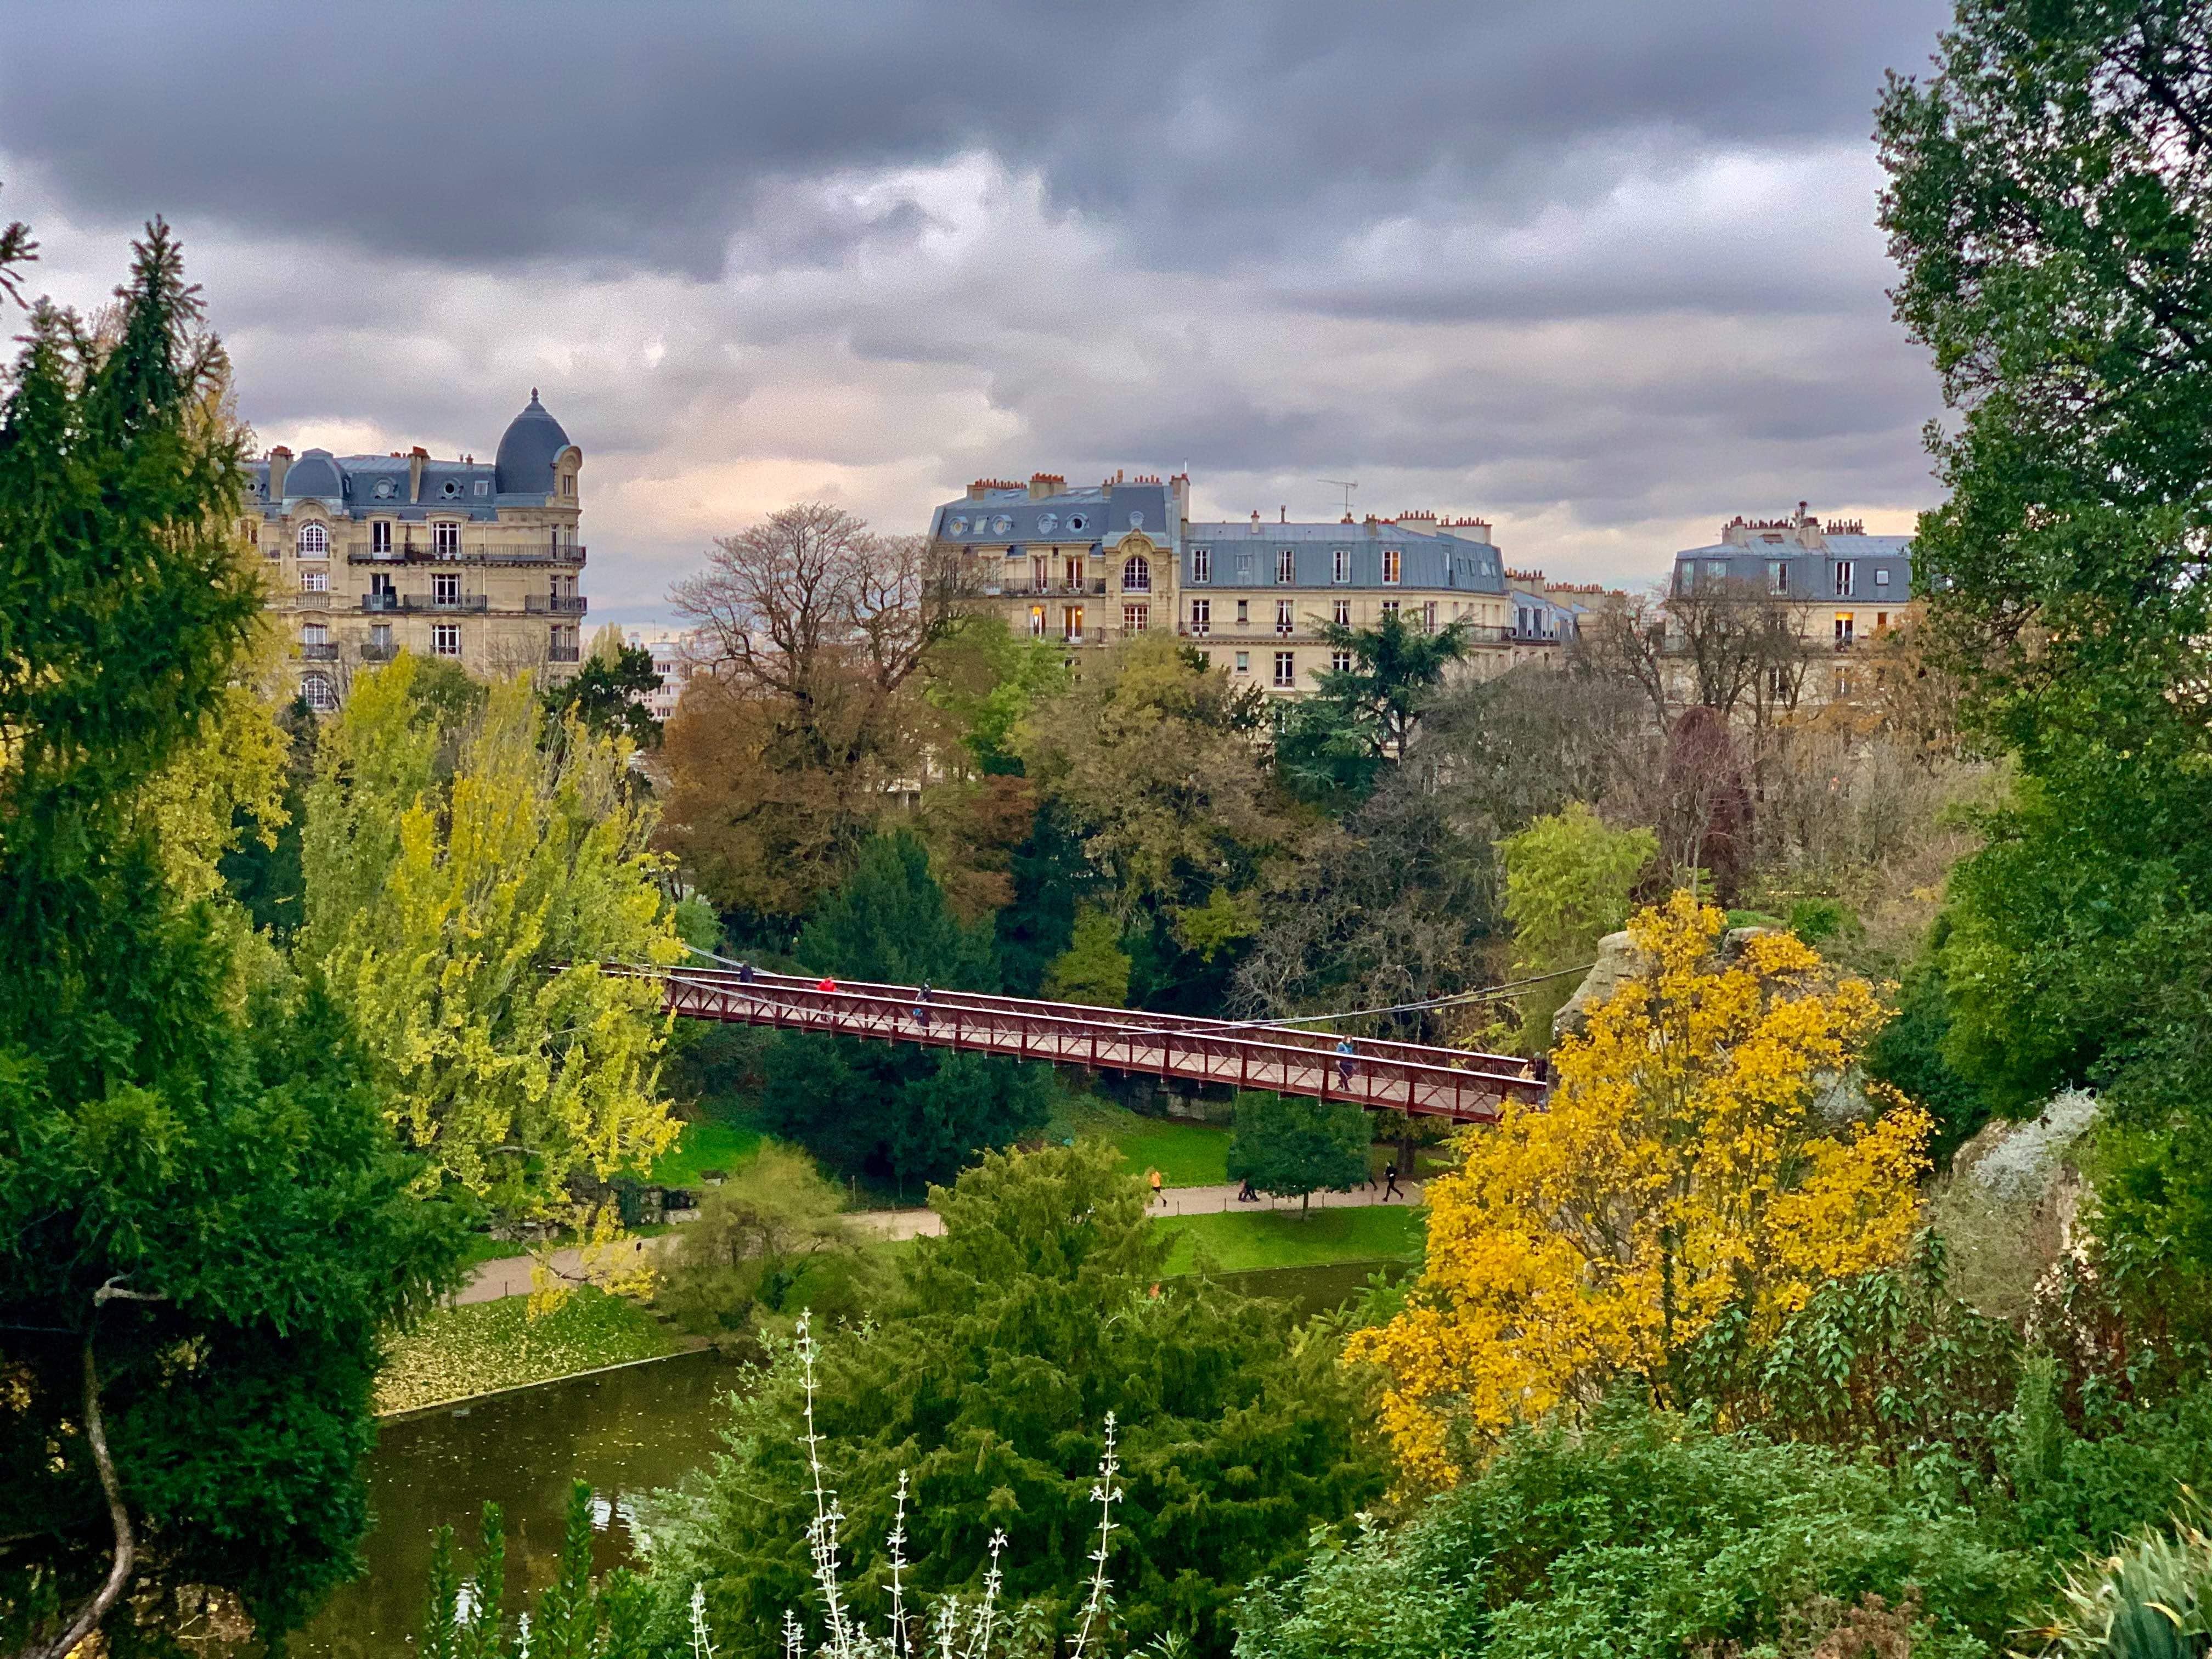 Buttes-Chaumont-Paris-Celine-Concierge